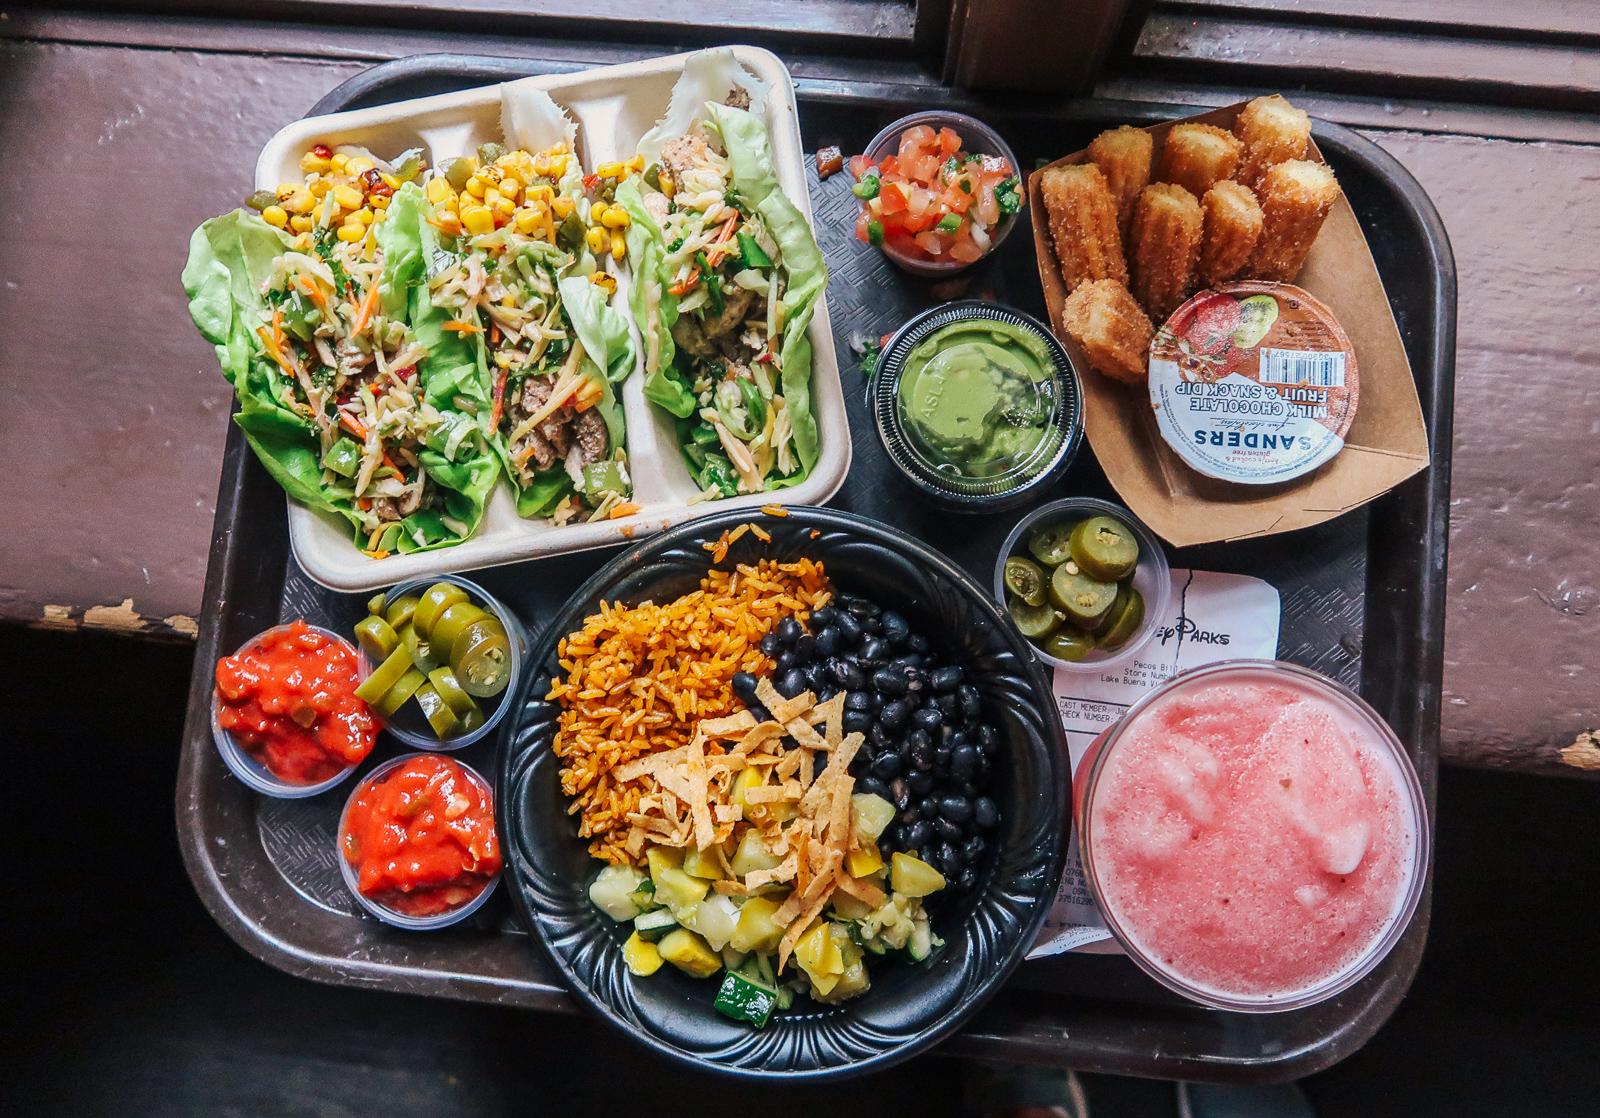 Tall Tale Inn And Cafe Pecos Bill Disney Magic Kingdom Food vegan, gluten free, dairy free,